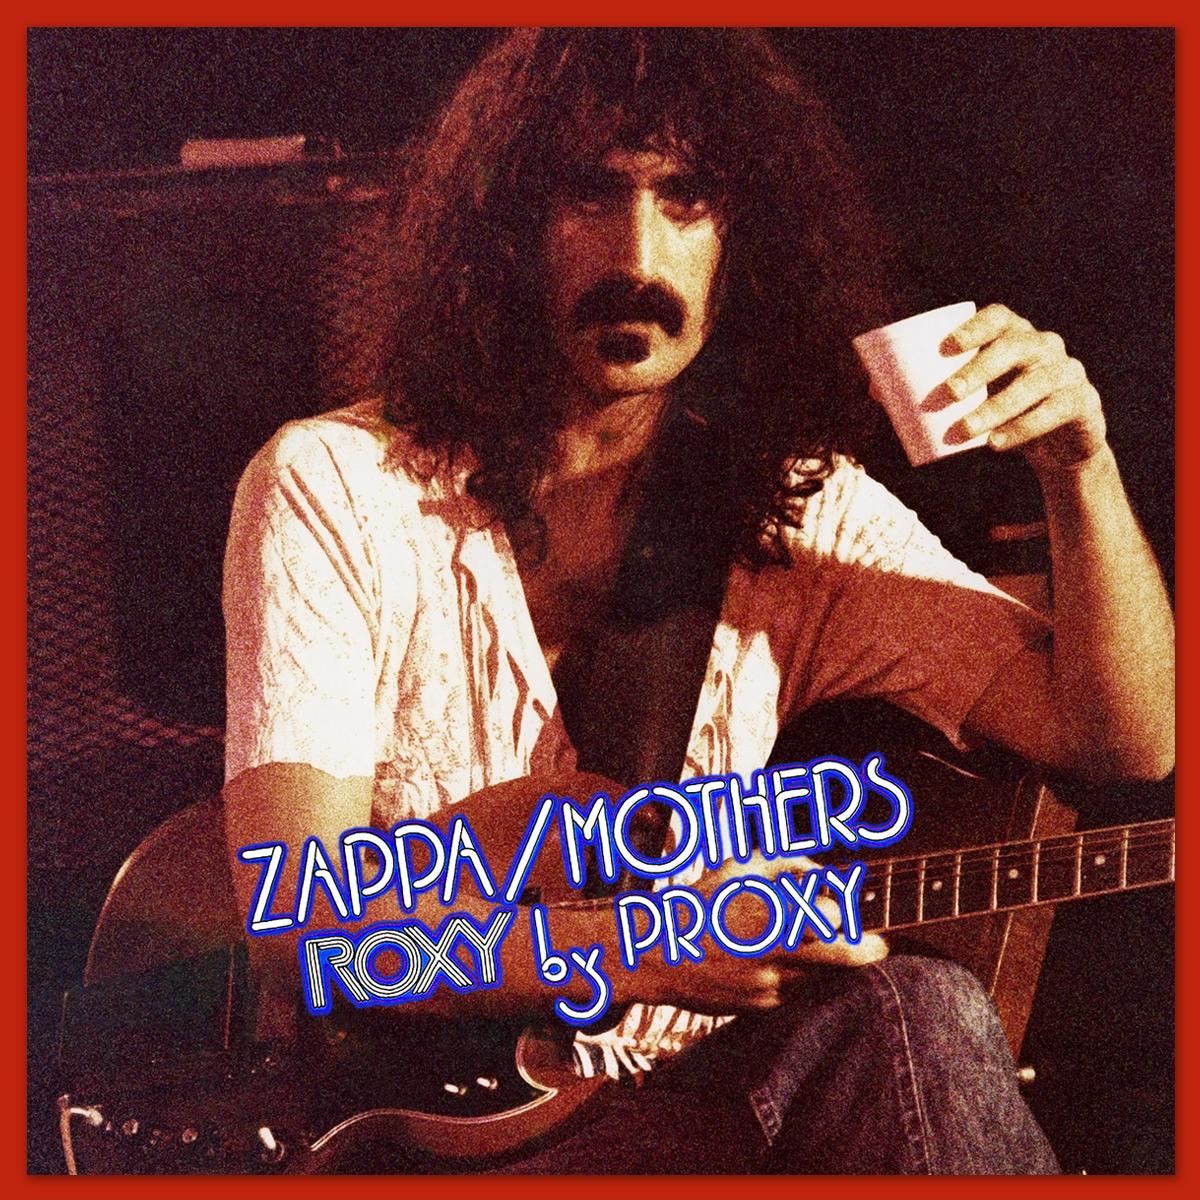 Frank Zappa Happy Birthday within radio dupree: review: zappa's roxyproxy cd